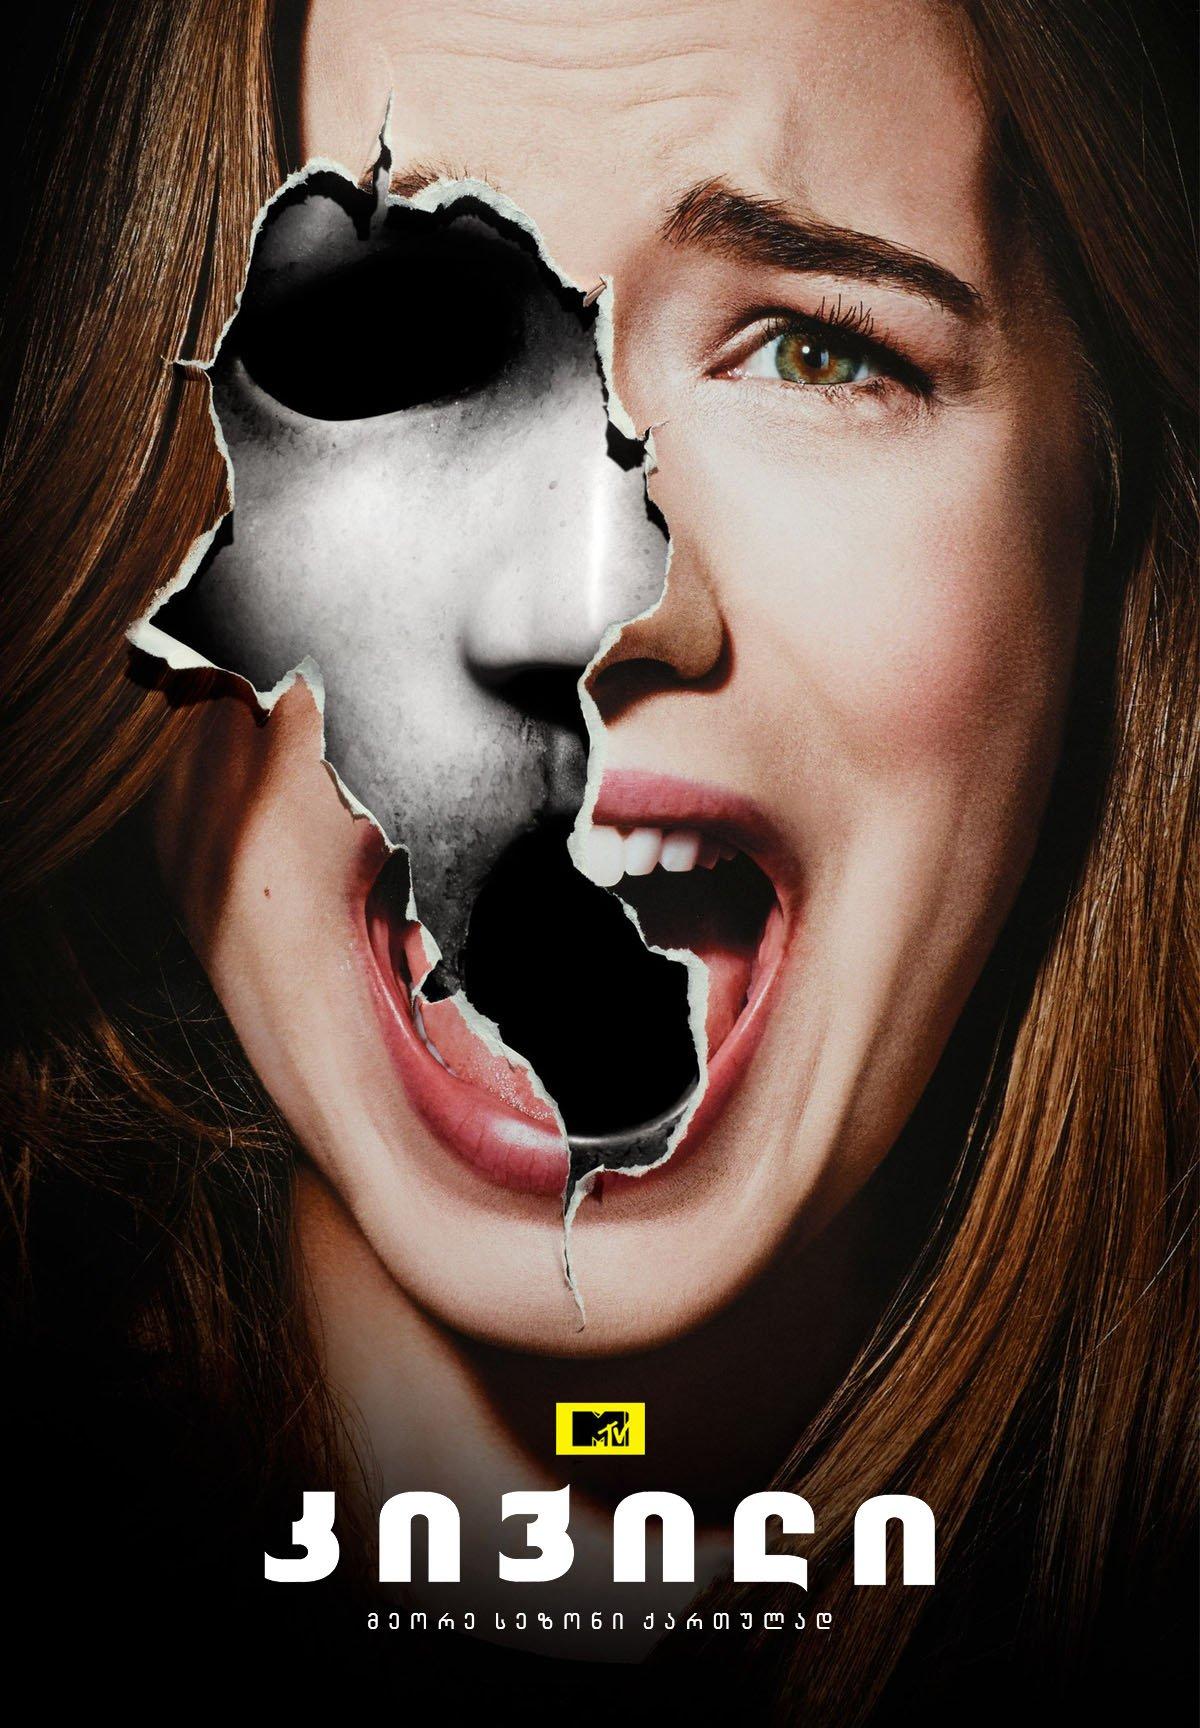 კივილი სეზონი 2 / Scream Season 2